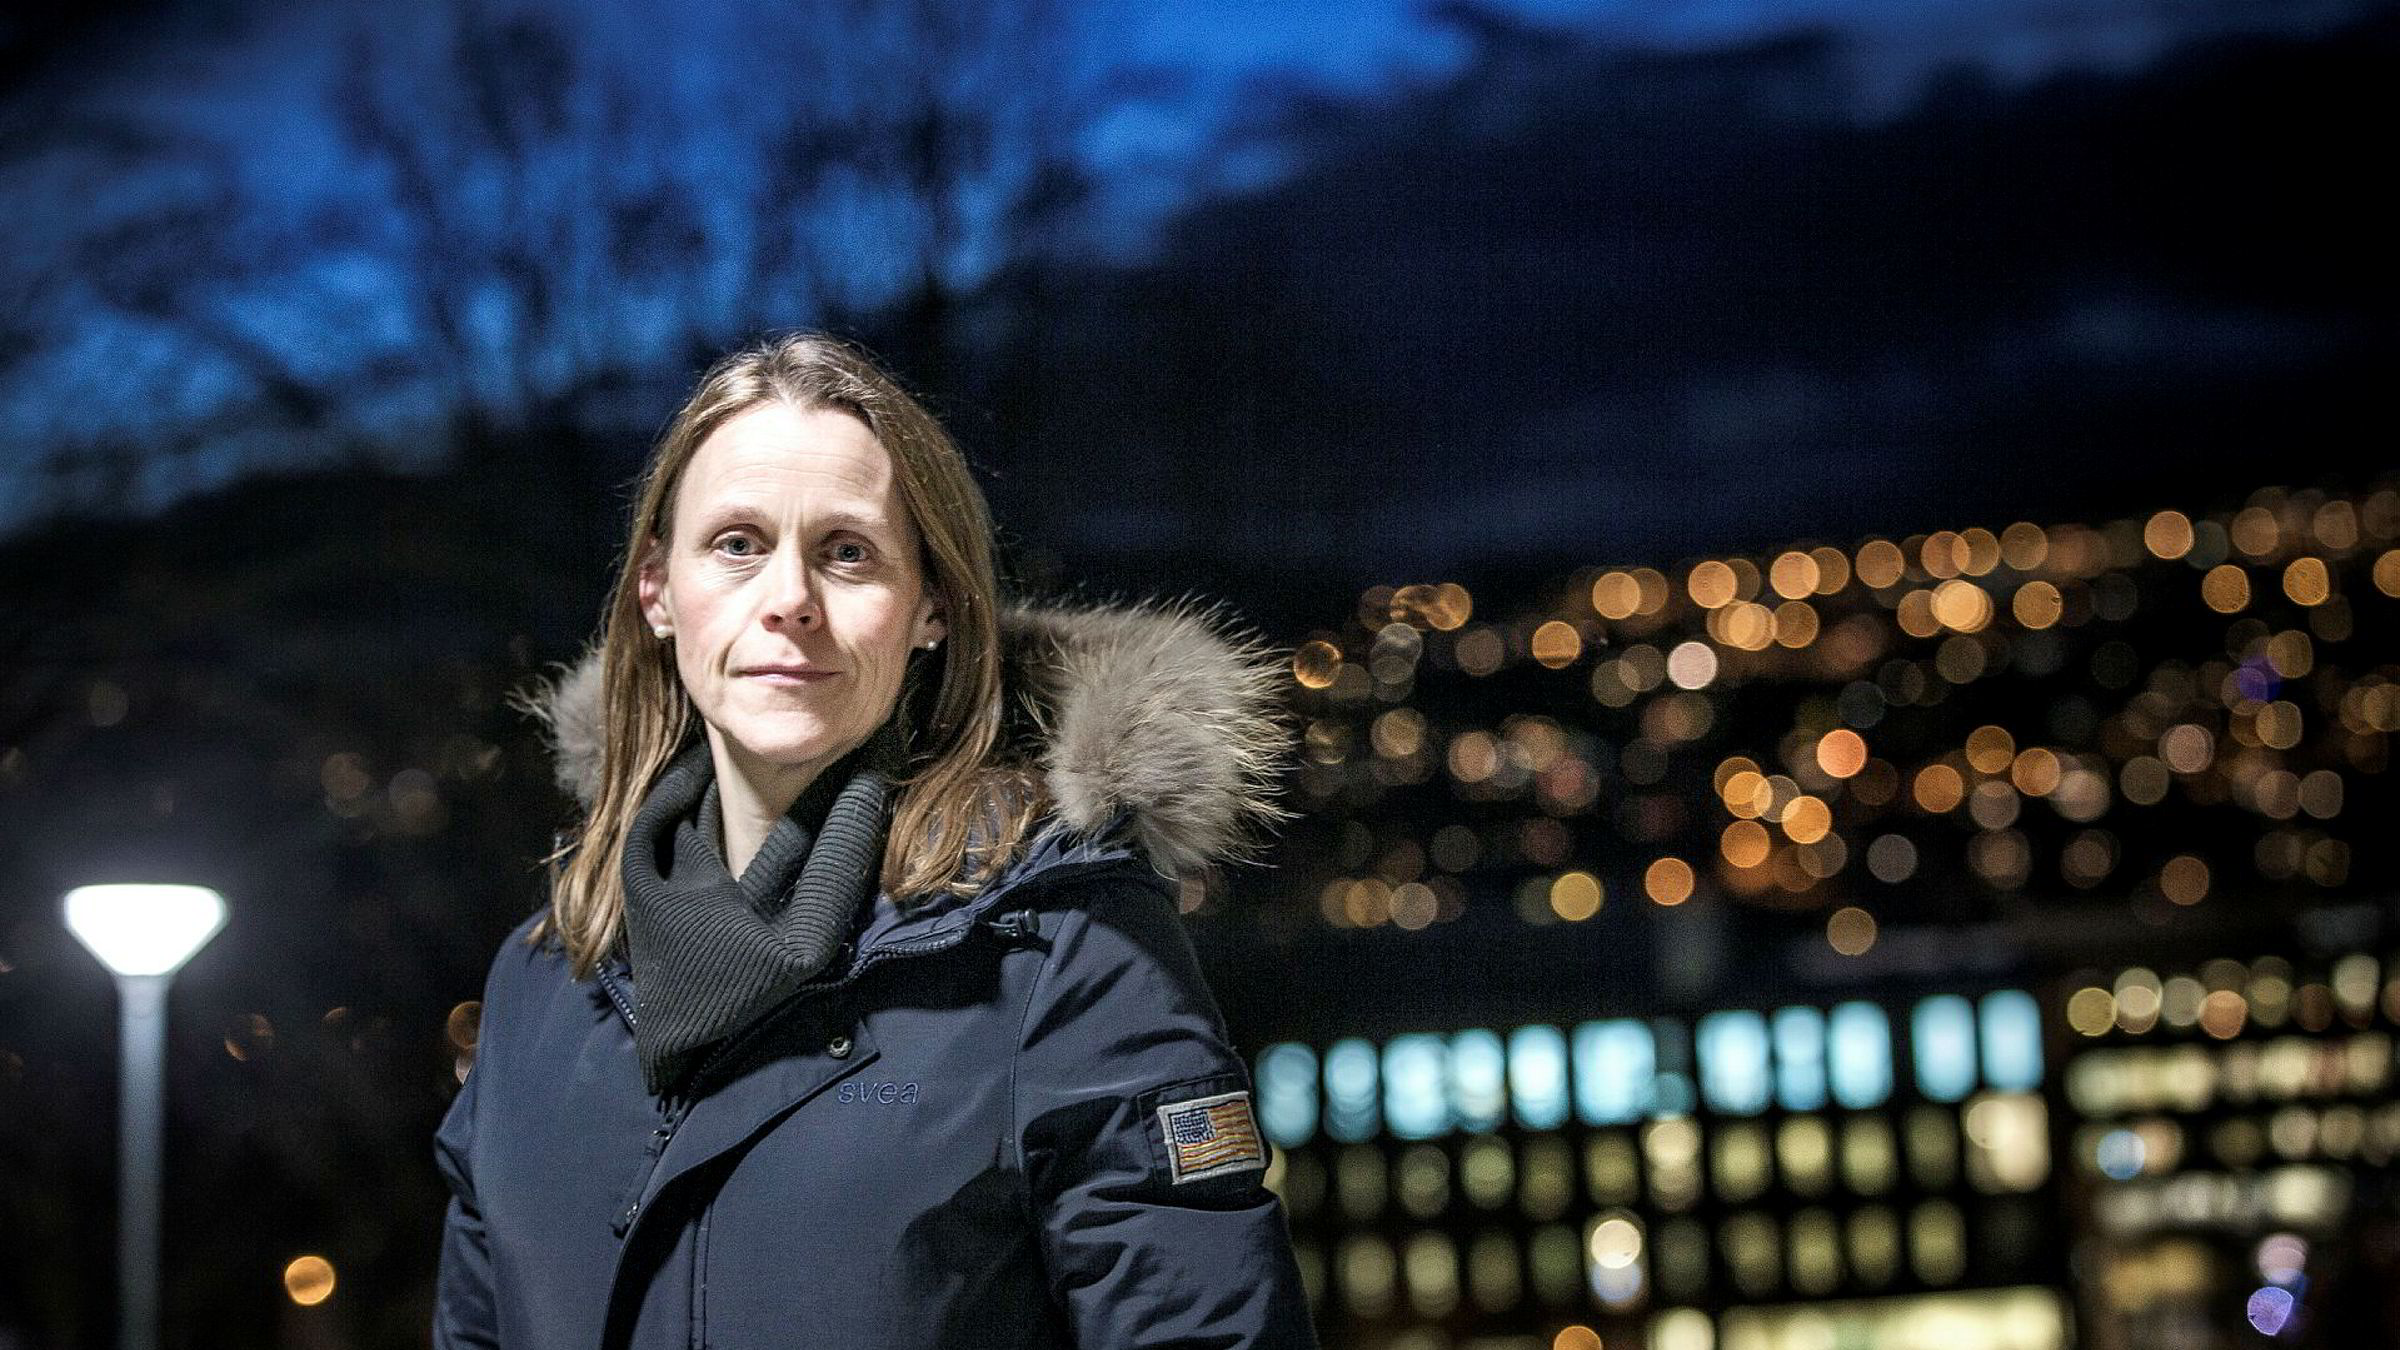 – Justisdepartementet har forsømt seg grovt når det ikke fulgt opp Lysne 1-rapporten tidlig nok. Det er veldig rart at man ikke har skrevet en strategi allerede, sier Tekna-president Lise Lyngsnes Randeberg.